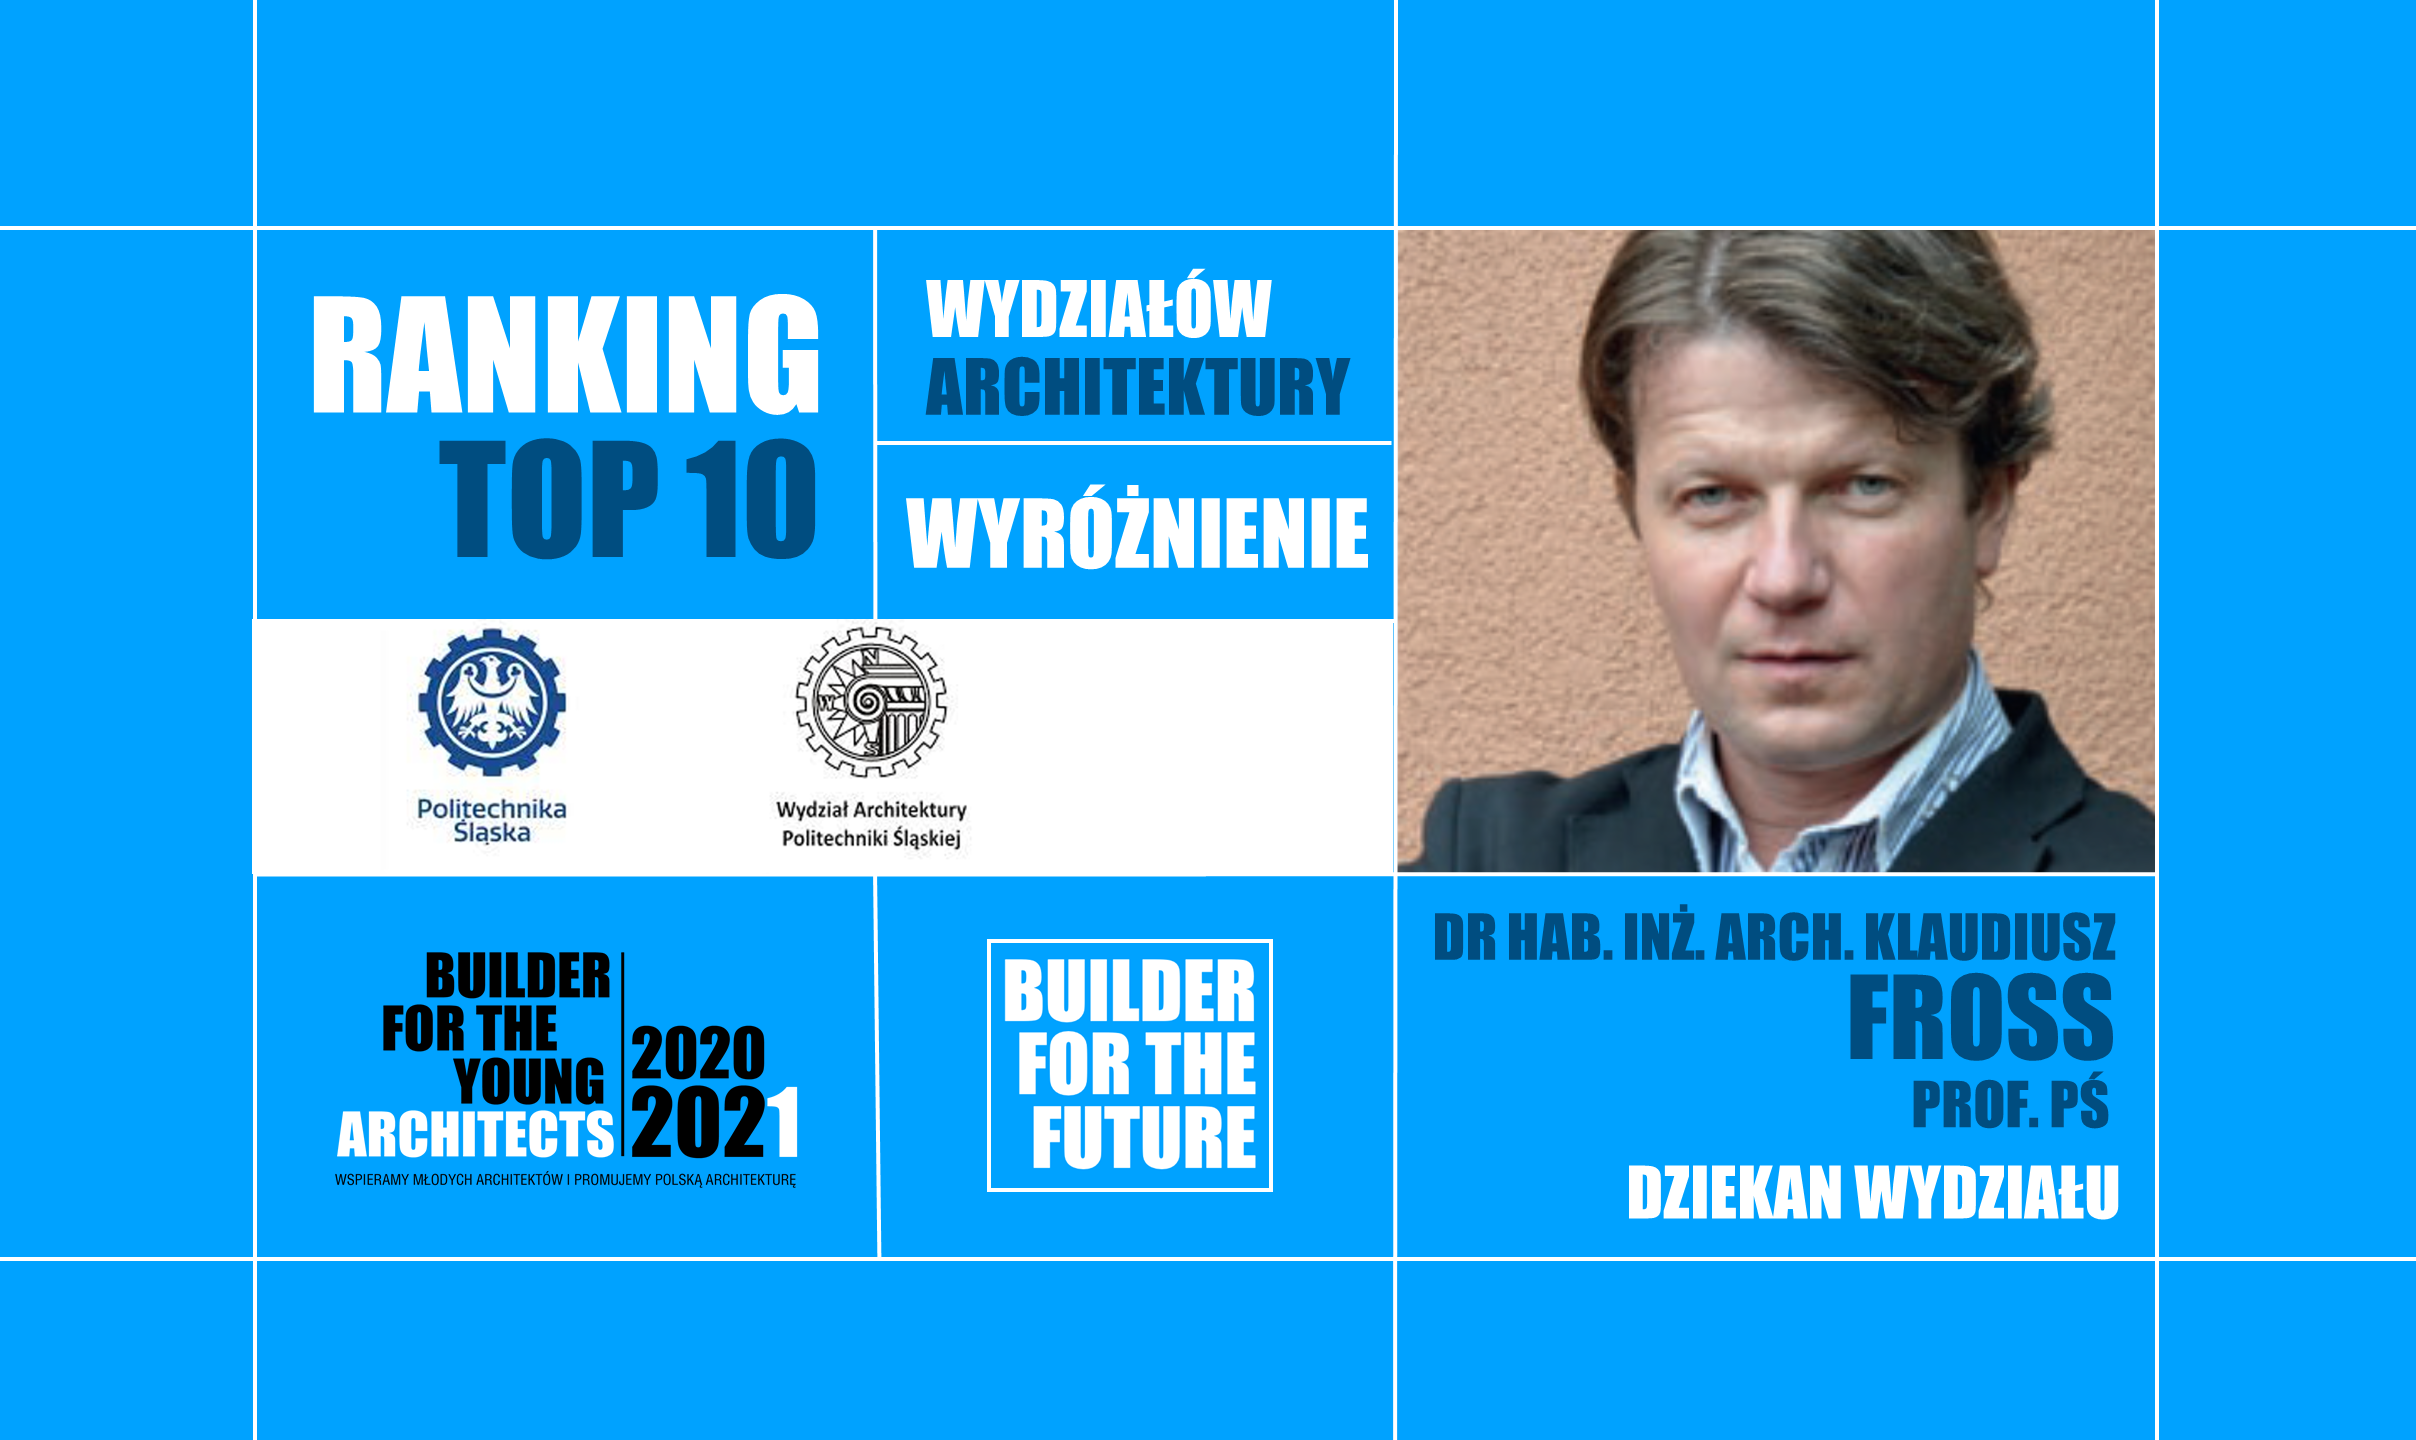 WYRÓŻNIENIE W RANKINGU TOP10 FOR THE FUTURE 2020/21